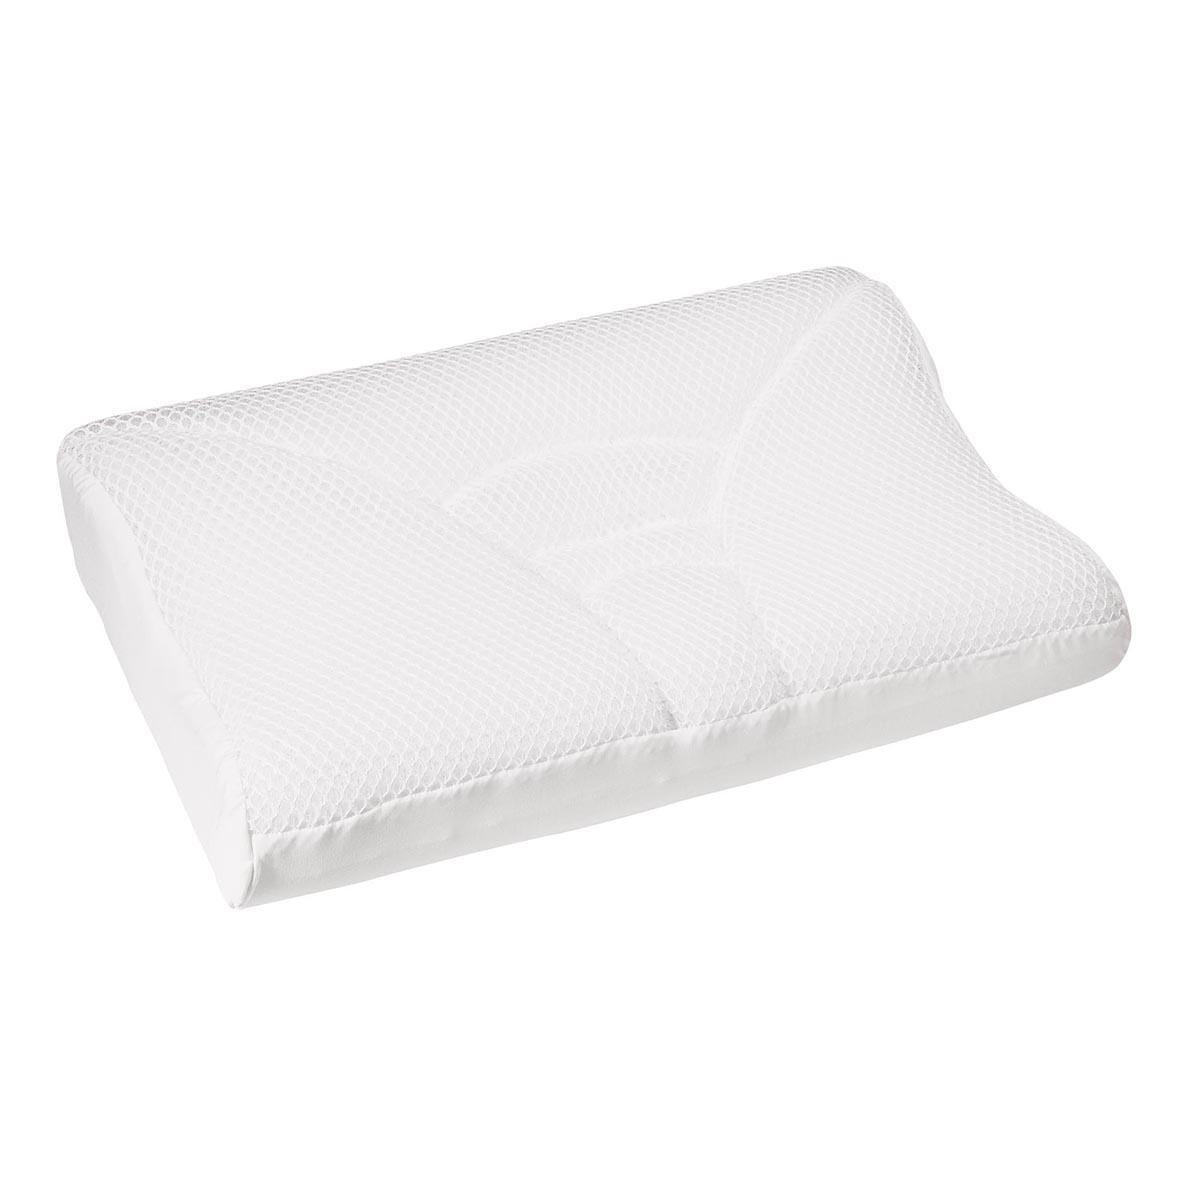 Contour cool mesh memory foam pillow contour products for Contour memory foam pillow